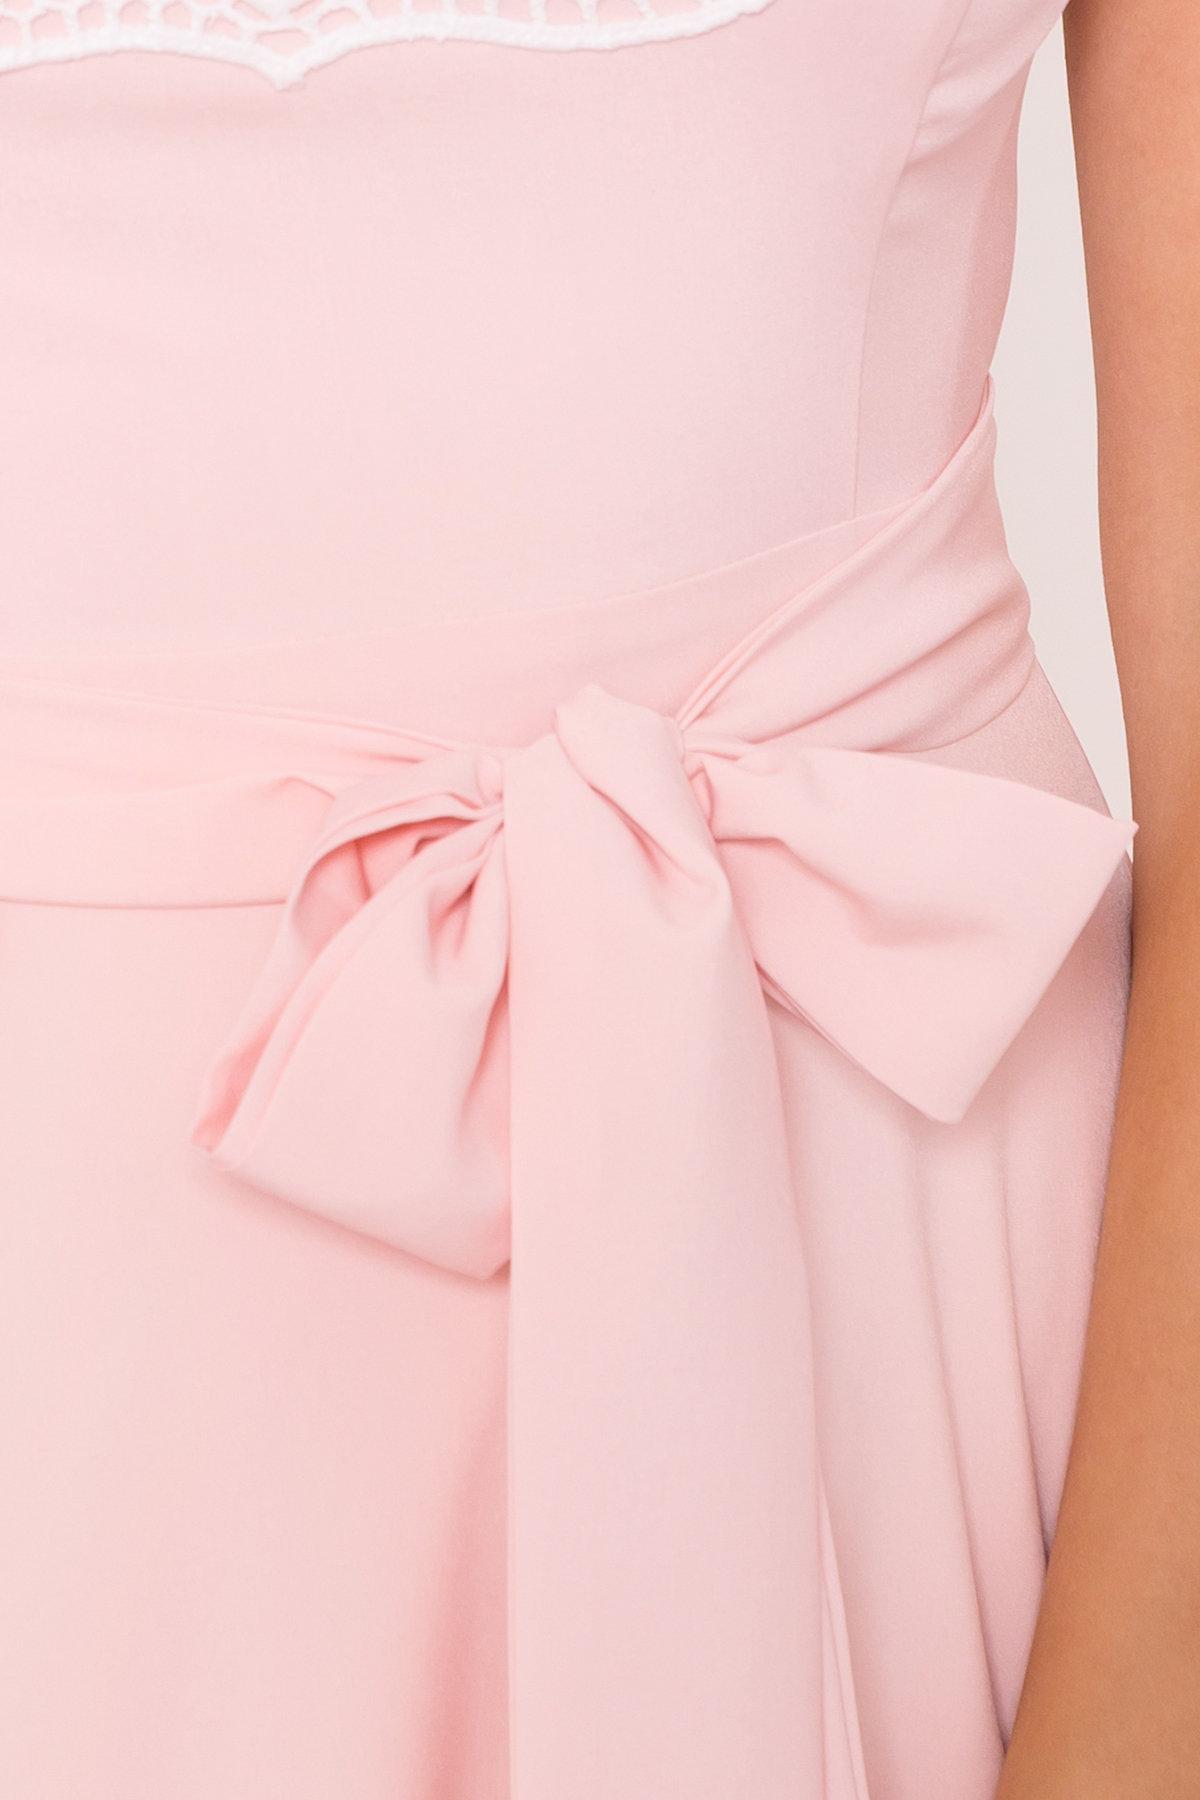 Платье Элисиас 7540 АРТ. 43463 Цвет: Персик - фото 4, интернет магазин tm-modus.ru